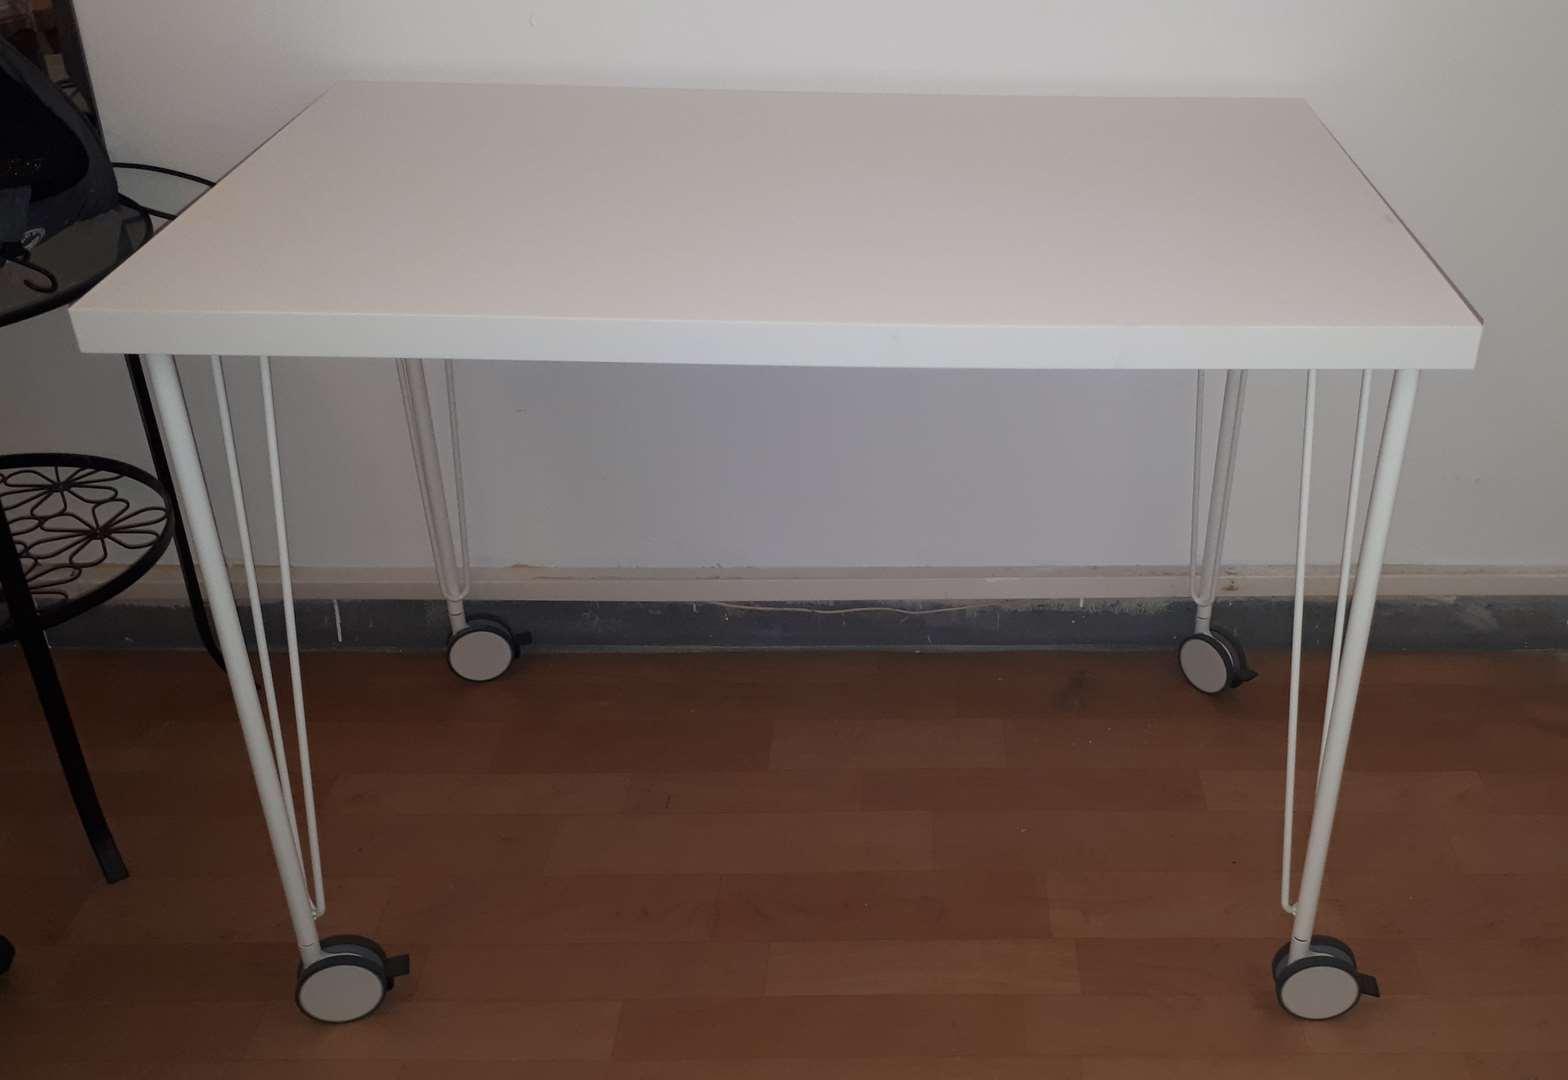 עדכני שולחן לבניית ציפורניים למכירה בבת ים 200 שח | ריהוט - שולחנות MA-23